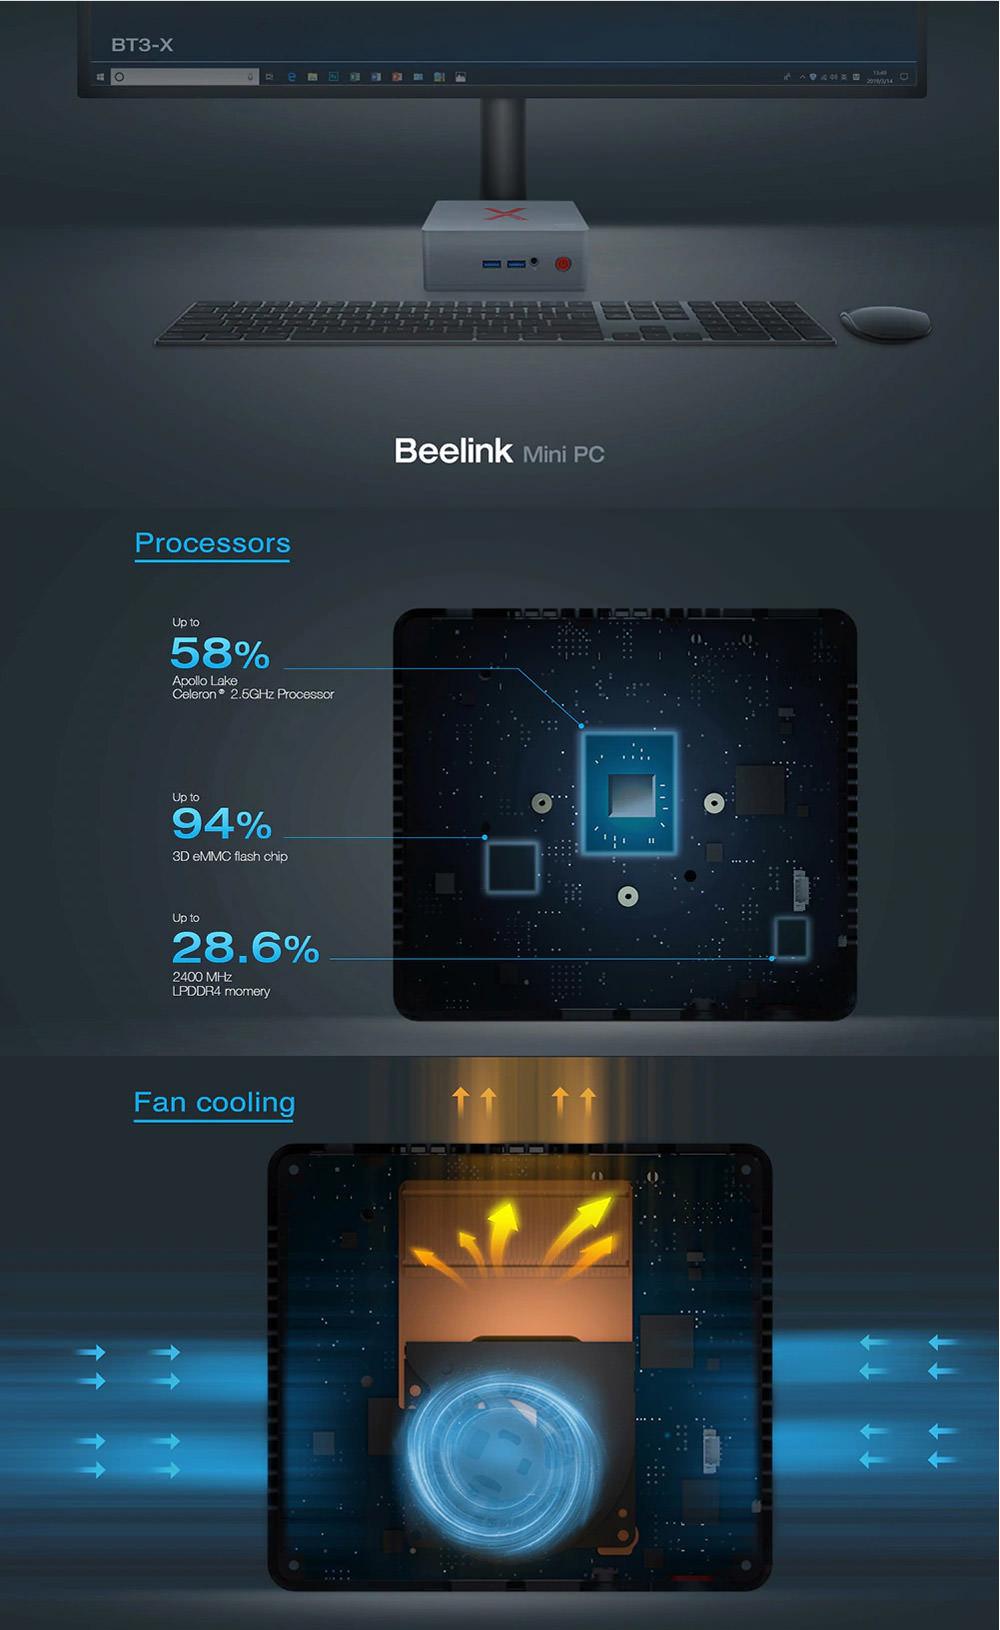 beelink bt3-x wifi bluetooth mini pc